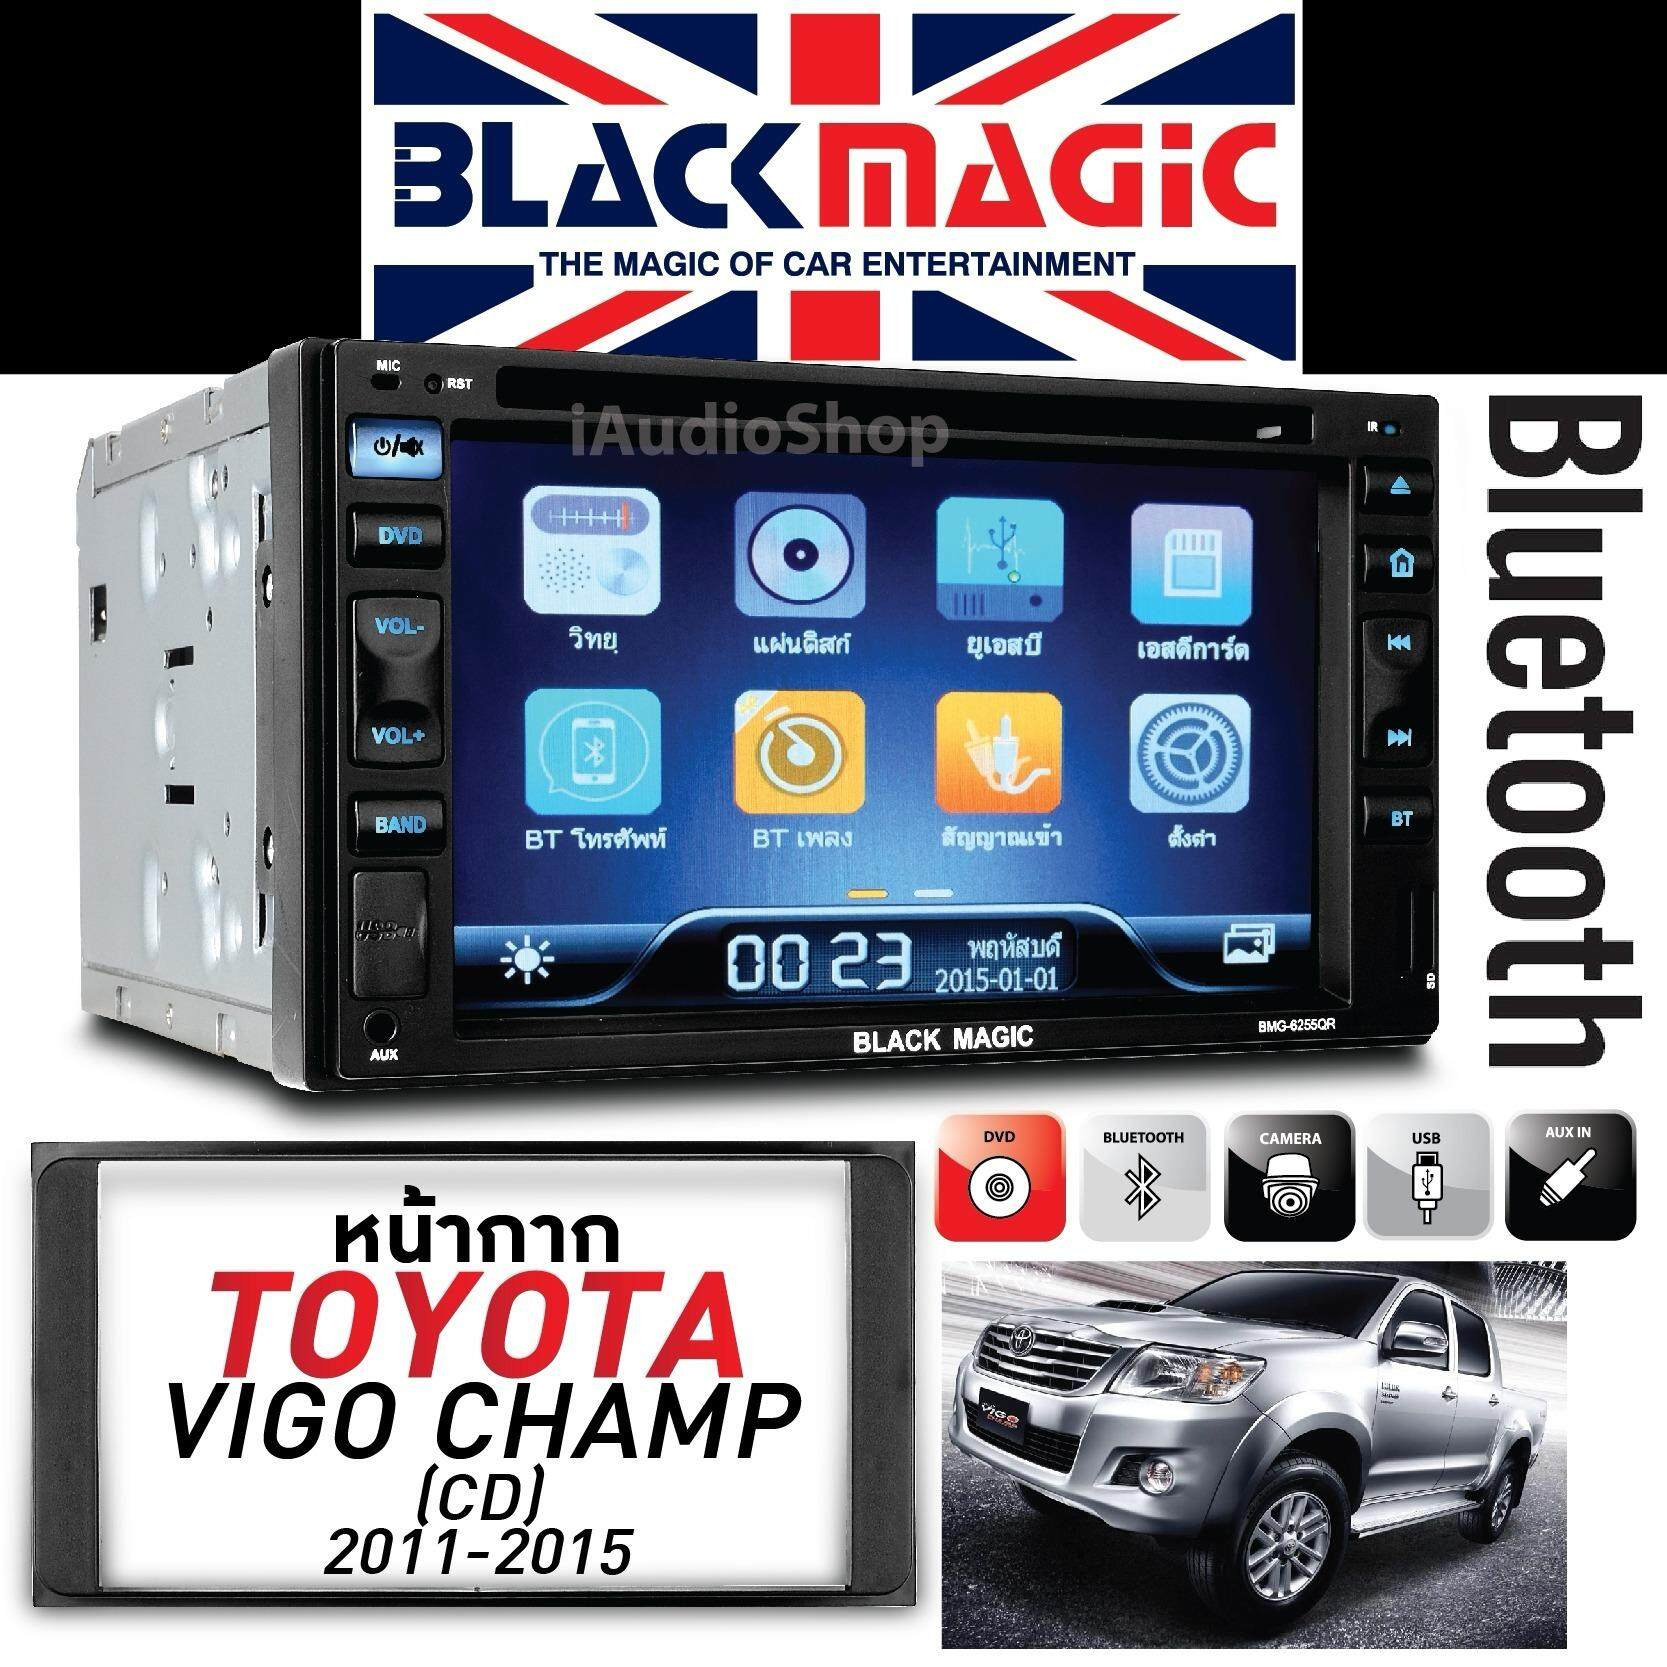 ซื้อ Black Magic วิทยุติดรถยนต์ จอติดรถยนต์ เครื่องเล่นติดรถยนต์ เครื่องเสียงรถยนต์ แบบ 2 Din ขนาด6 25 พร้อมหน้ากาก โตโยต้า วีโก้ แชมป์ Toyota Vigo Champ Cd 11 15 ออนไลน์ ถูก